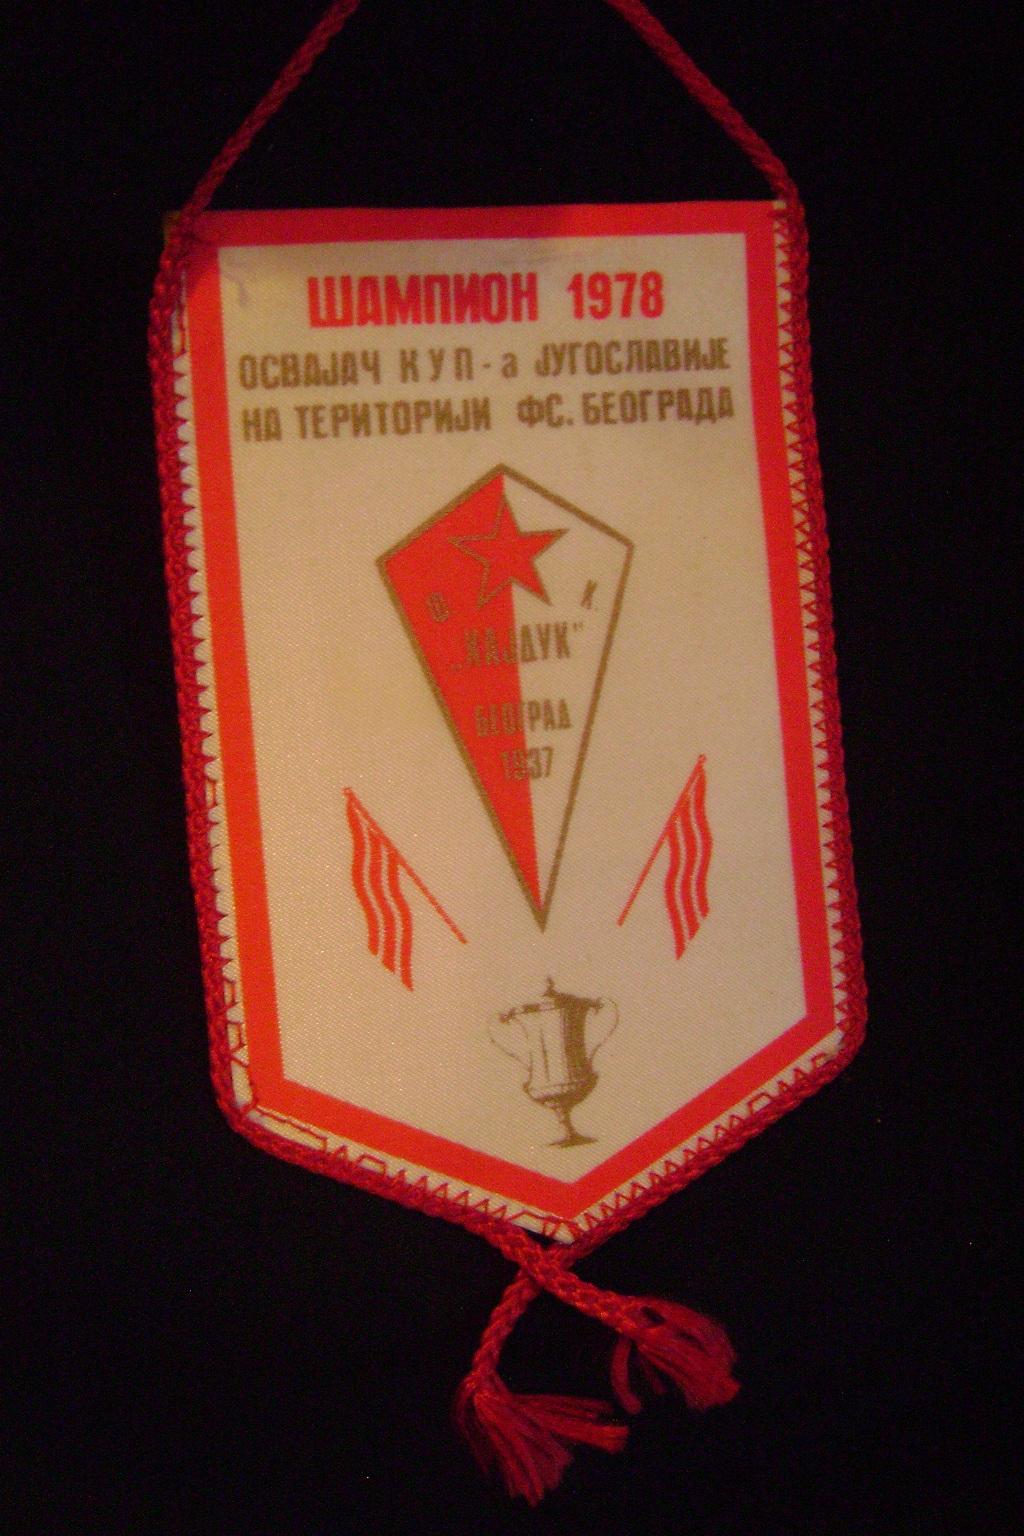 Zastavica_FK_Hajduk_Beograd_Sampion_1978__1.JPG